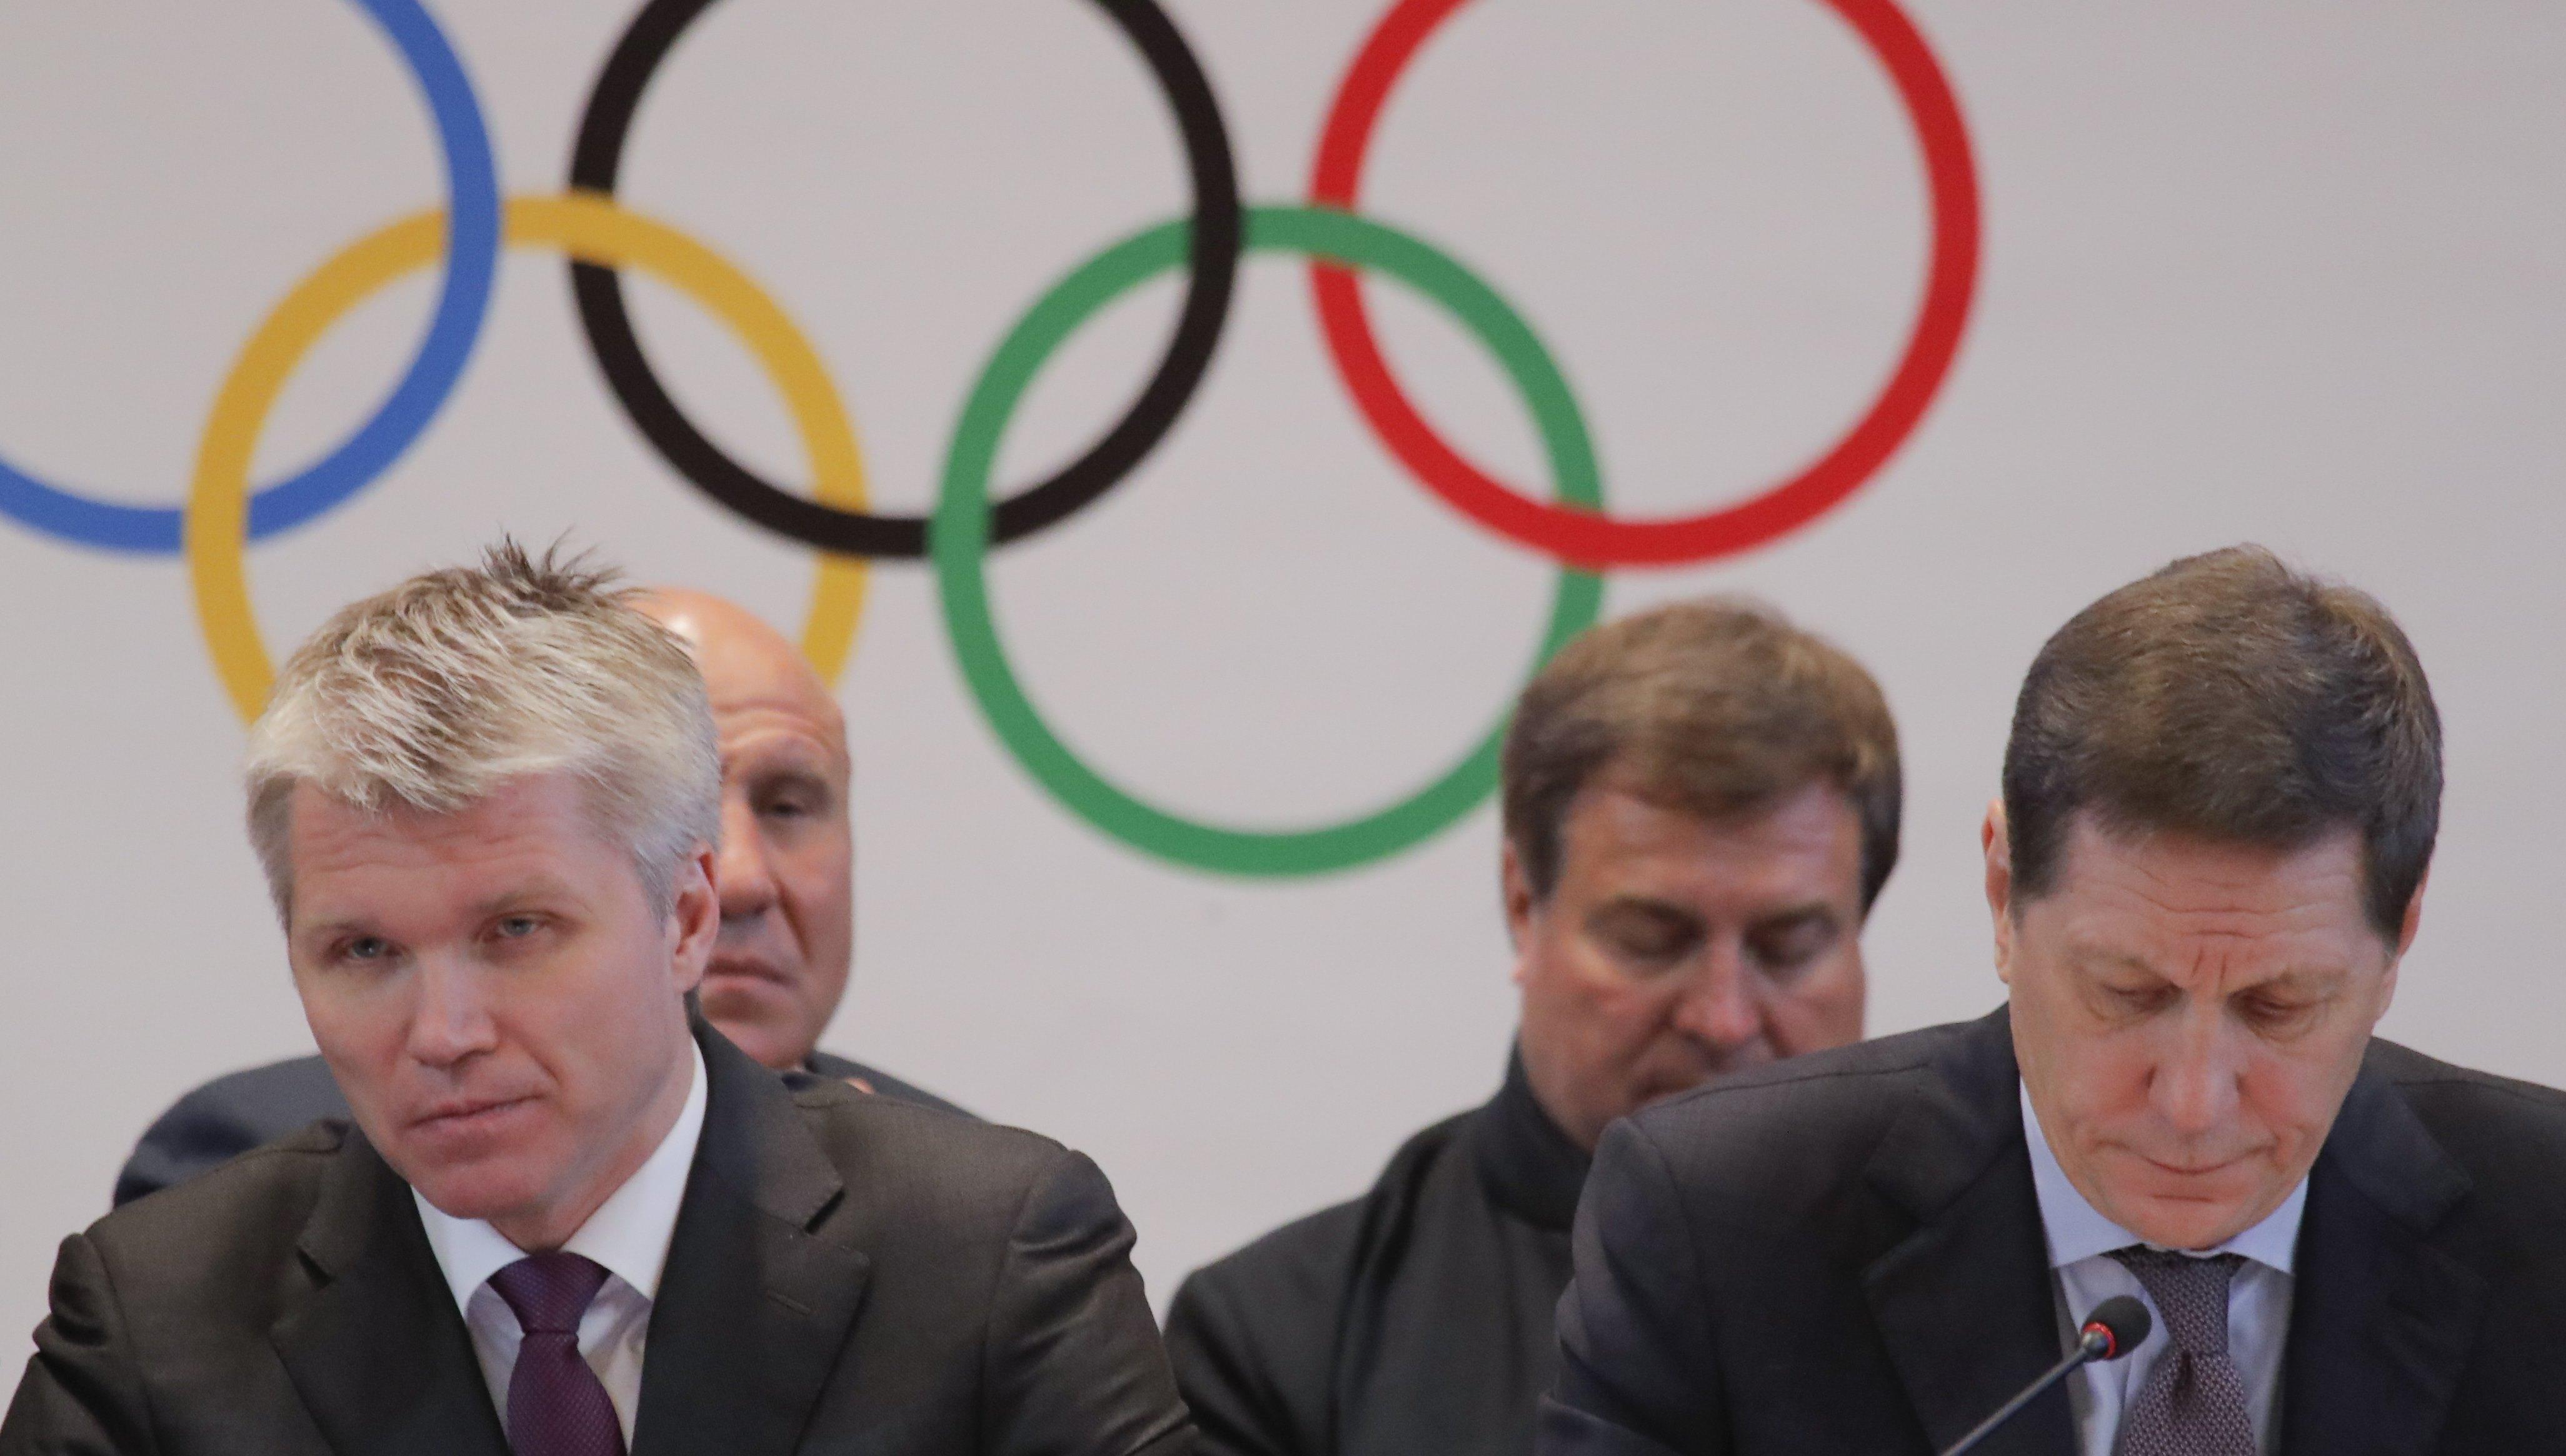 Jeux olympiques - Pyeongchang 2018 - JO 2018 : La Russie veut sauver les meubles en Corée du Sud